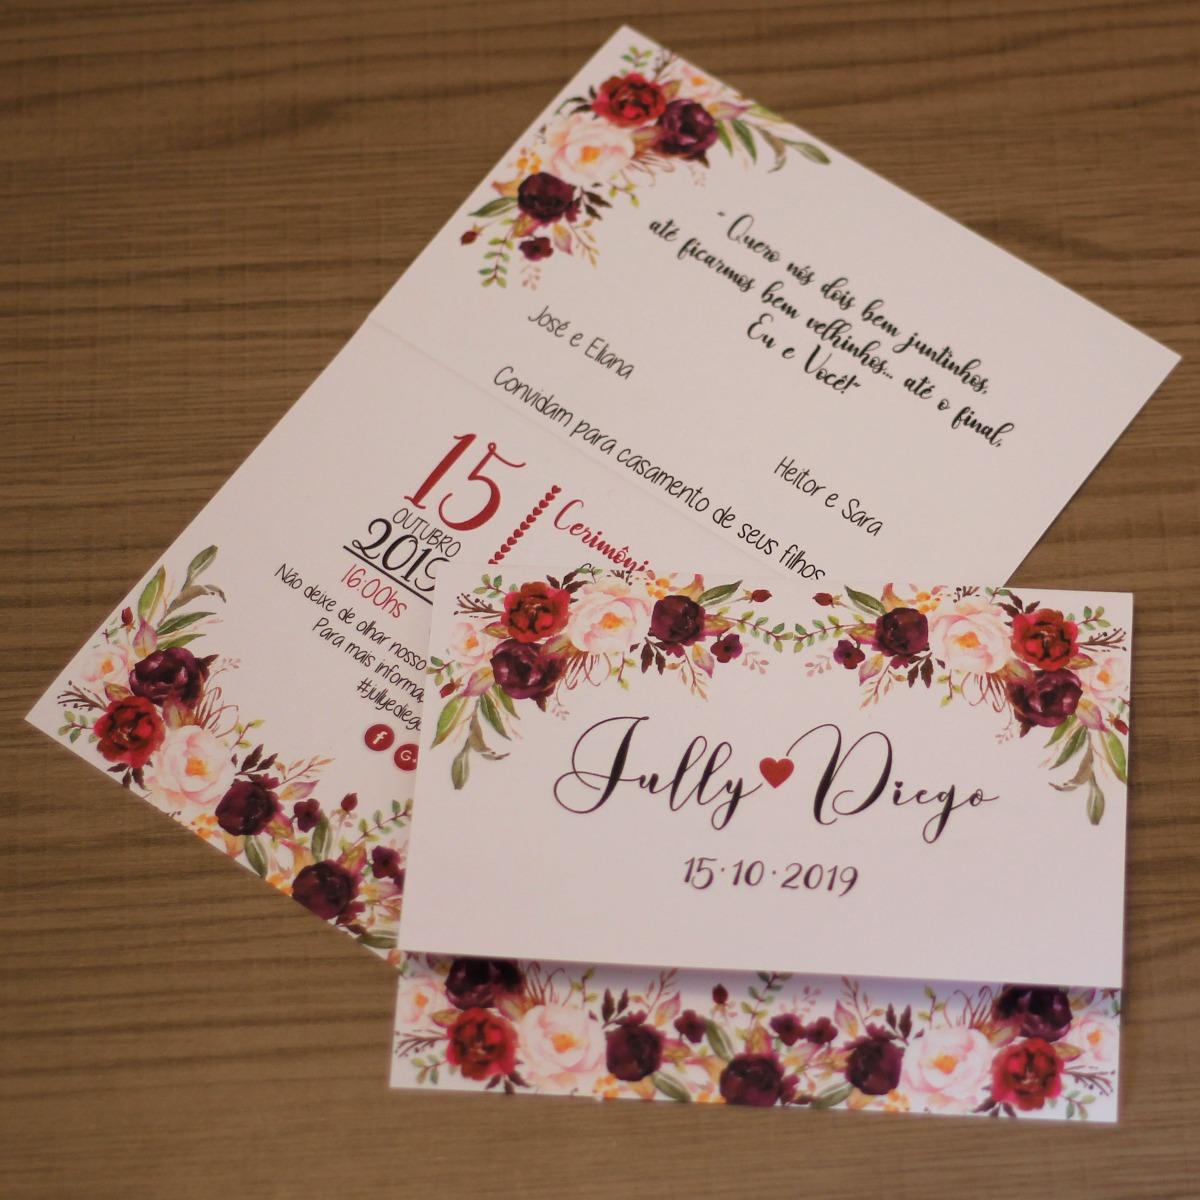 c0455d326 85 convites de 15 anos marsala casamento barato luxo. Carregando zoom.